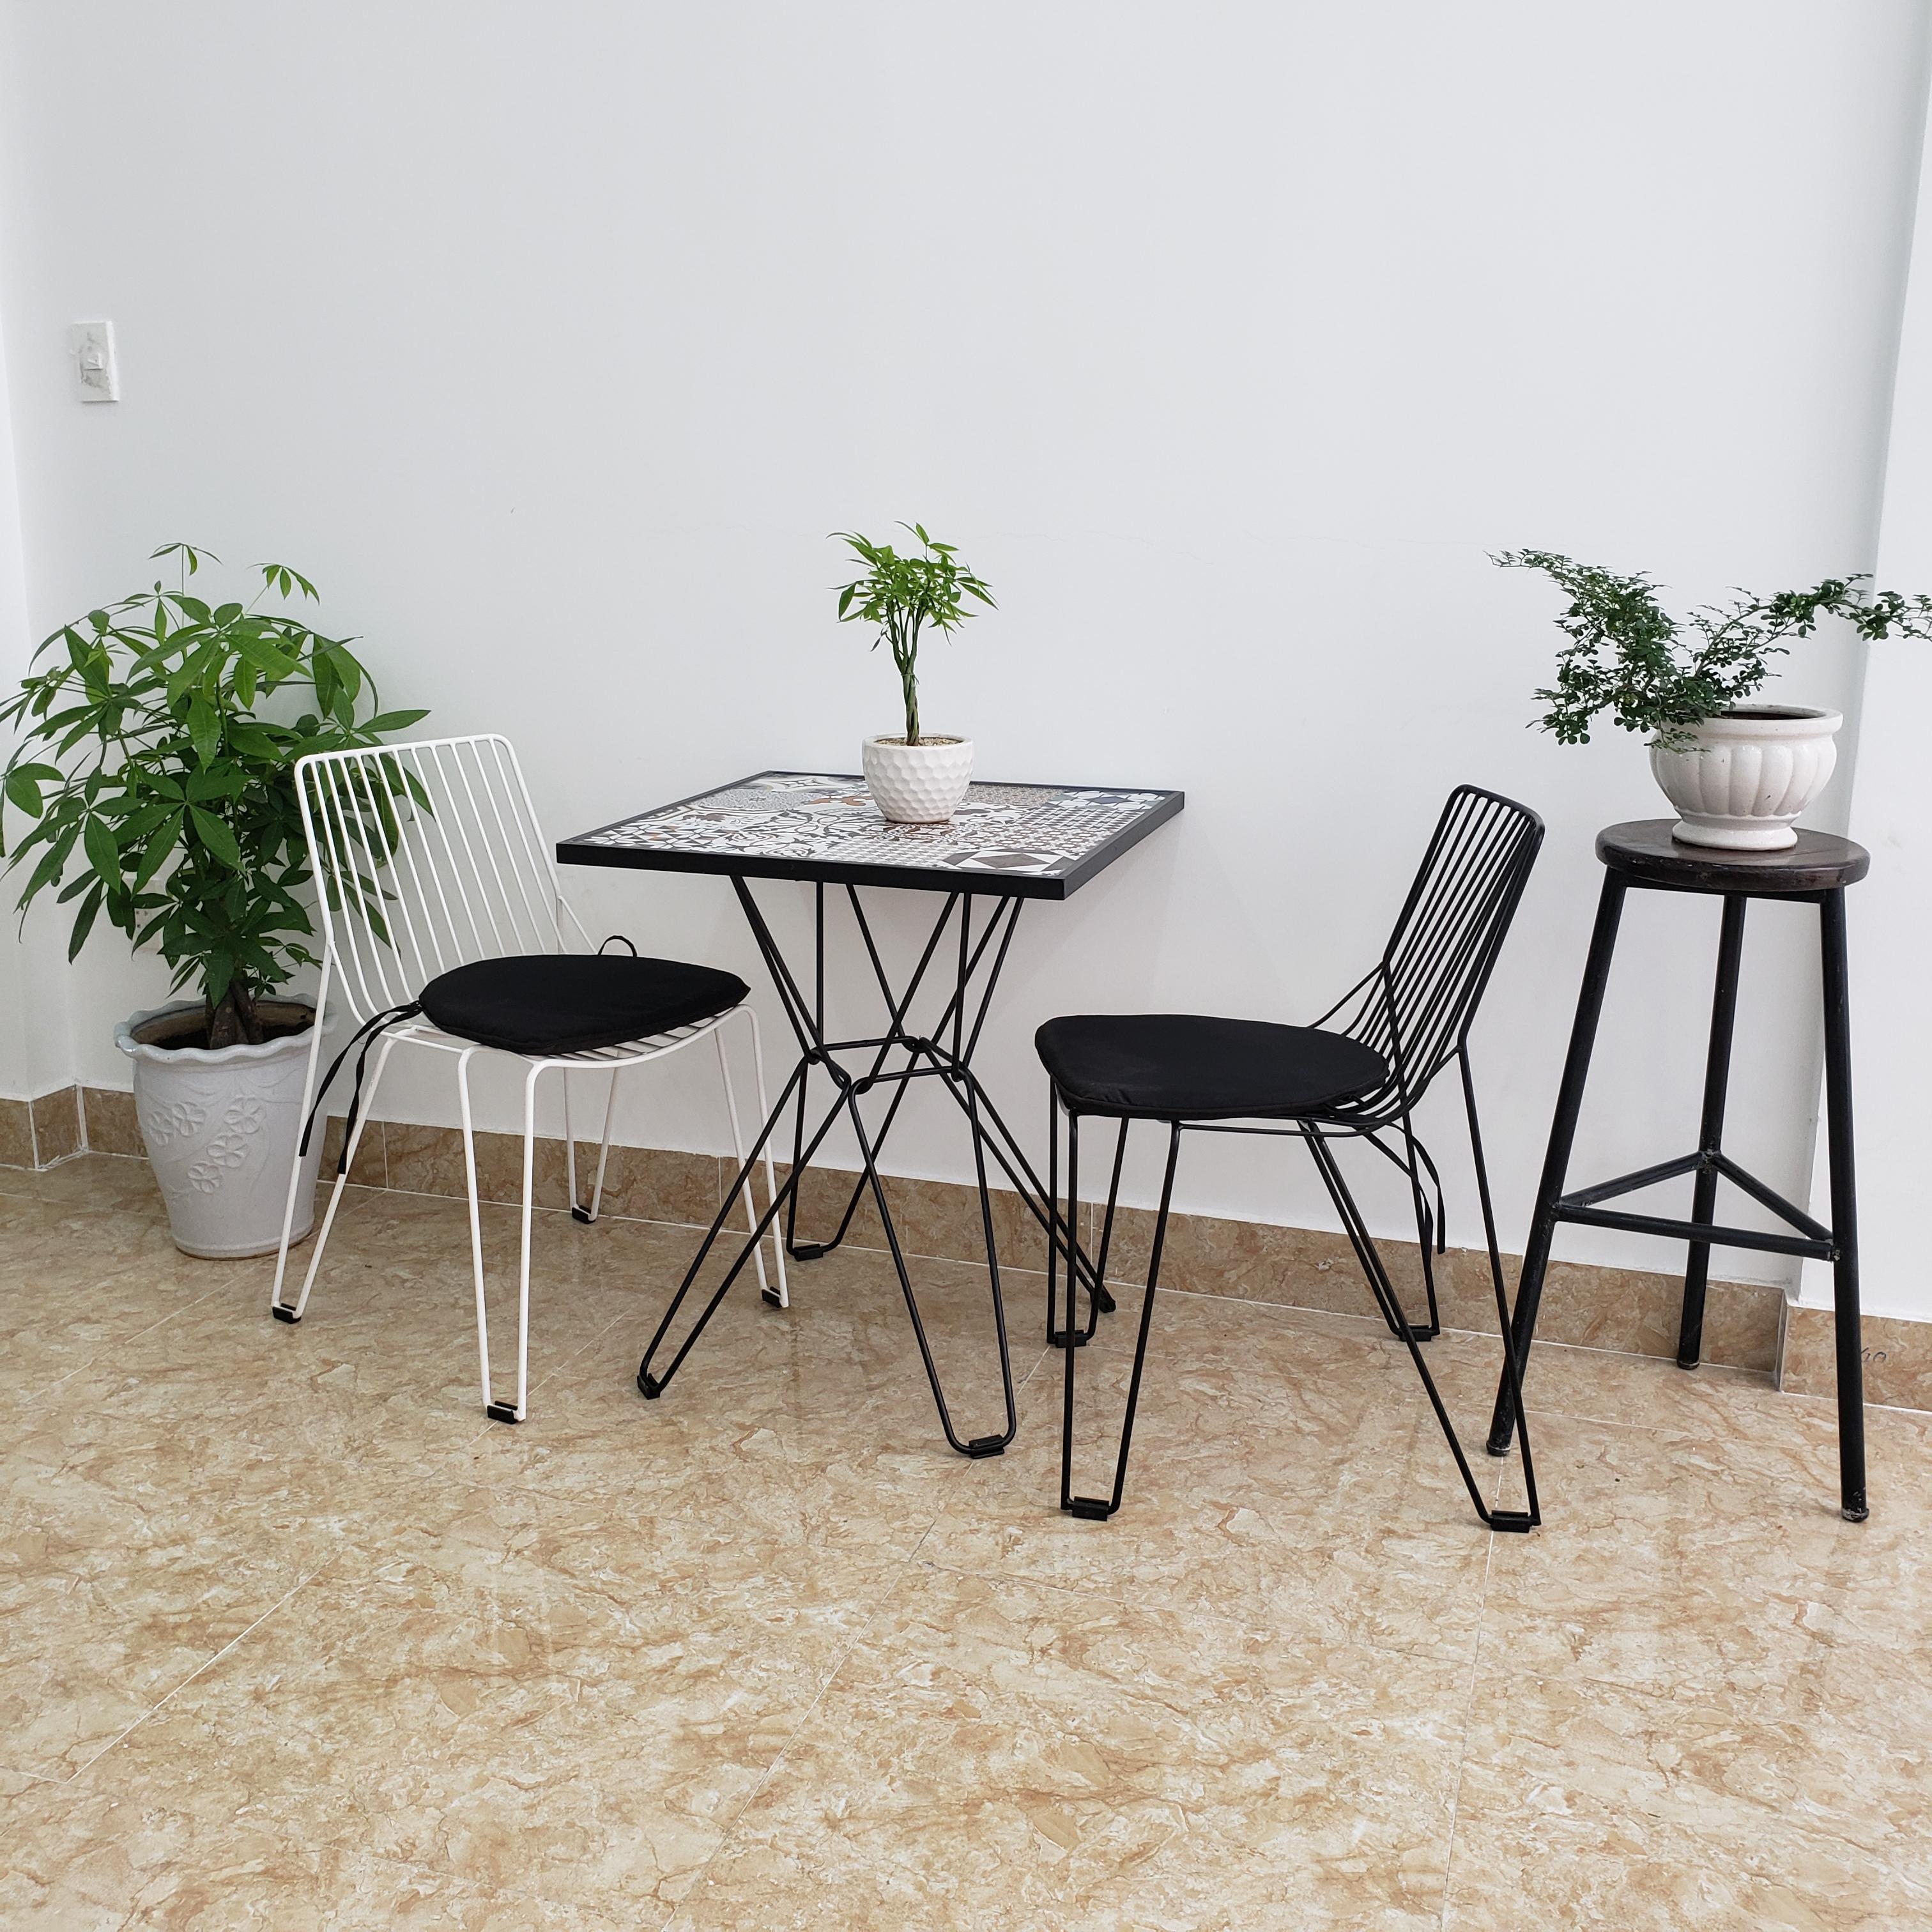 Bộ bàn ghế cafe sắt đẹp